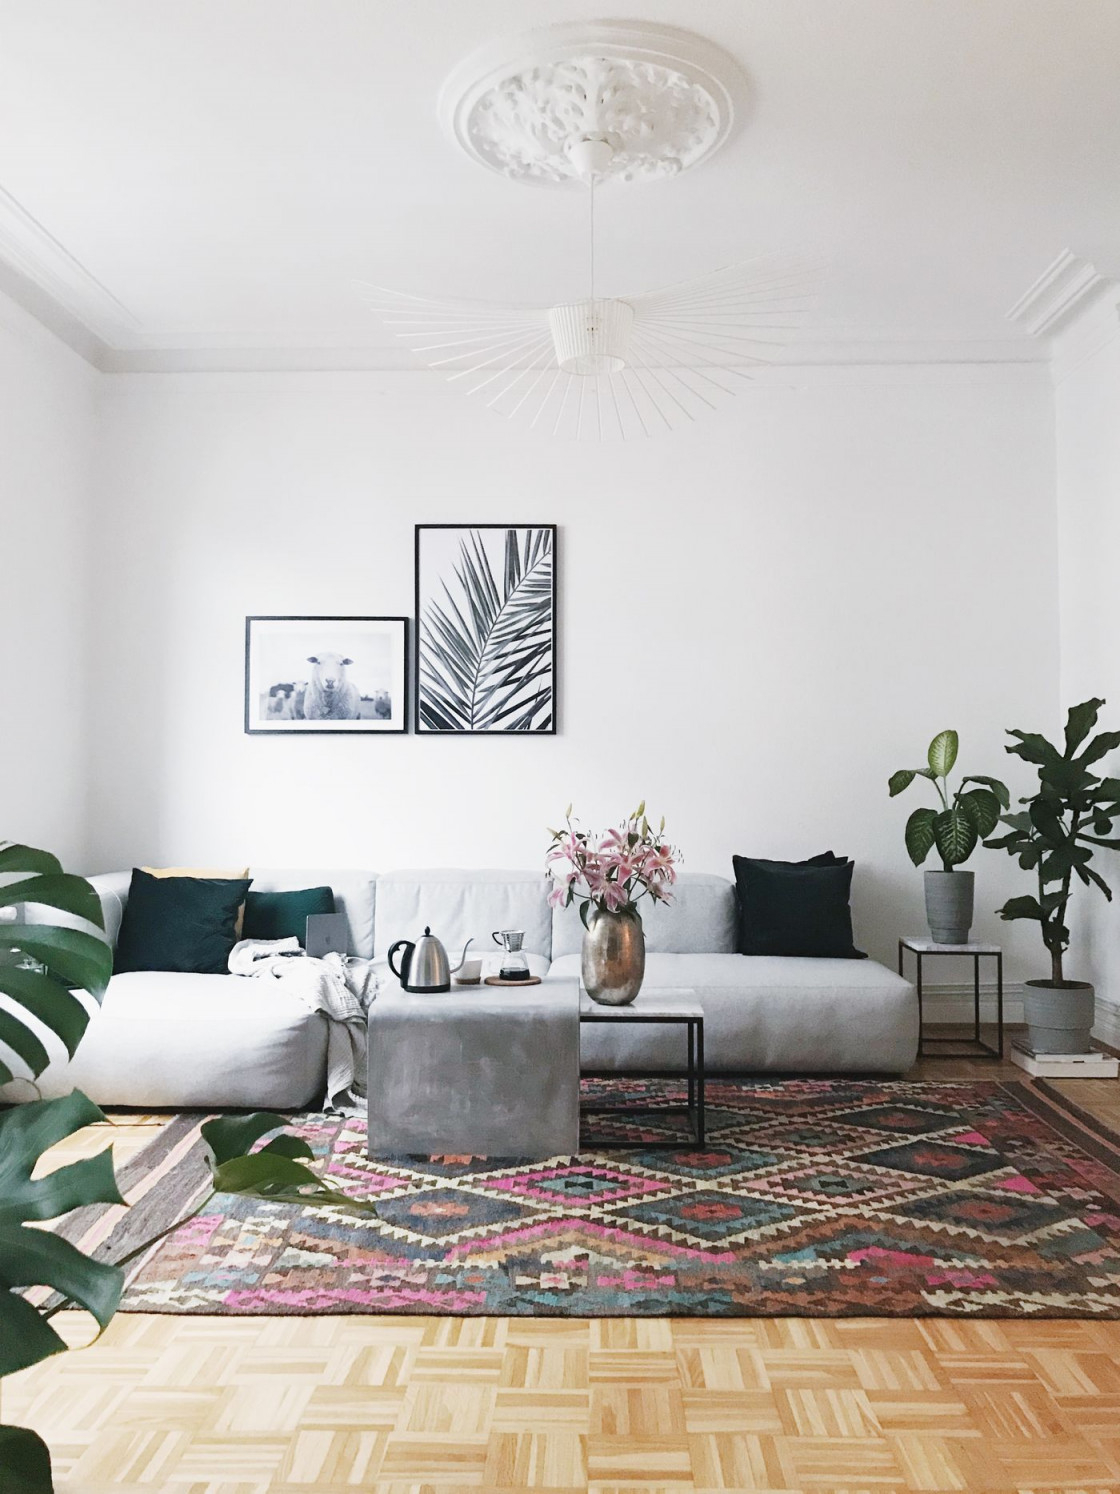 Die Schönsten Wohnzimmer Deko Ideen von Ideen Wohnzimmer Deko Bild